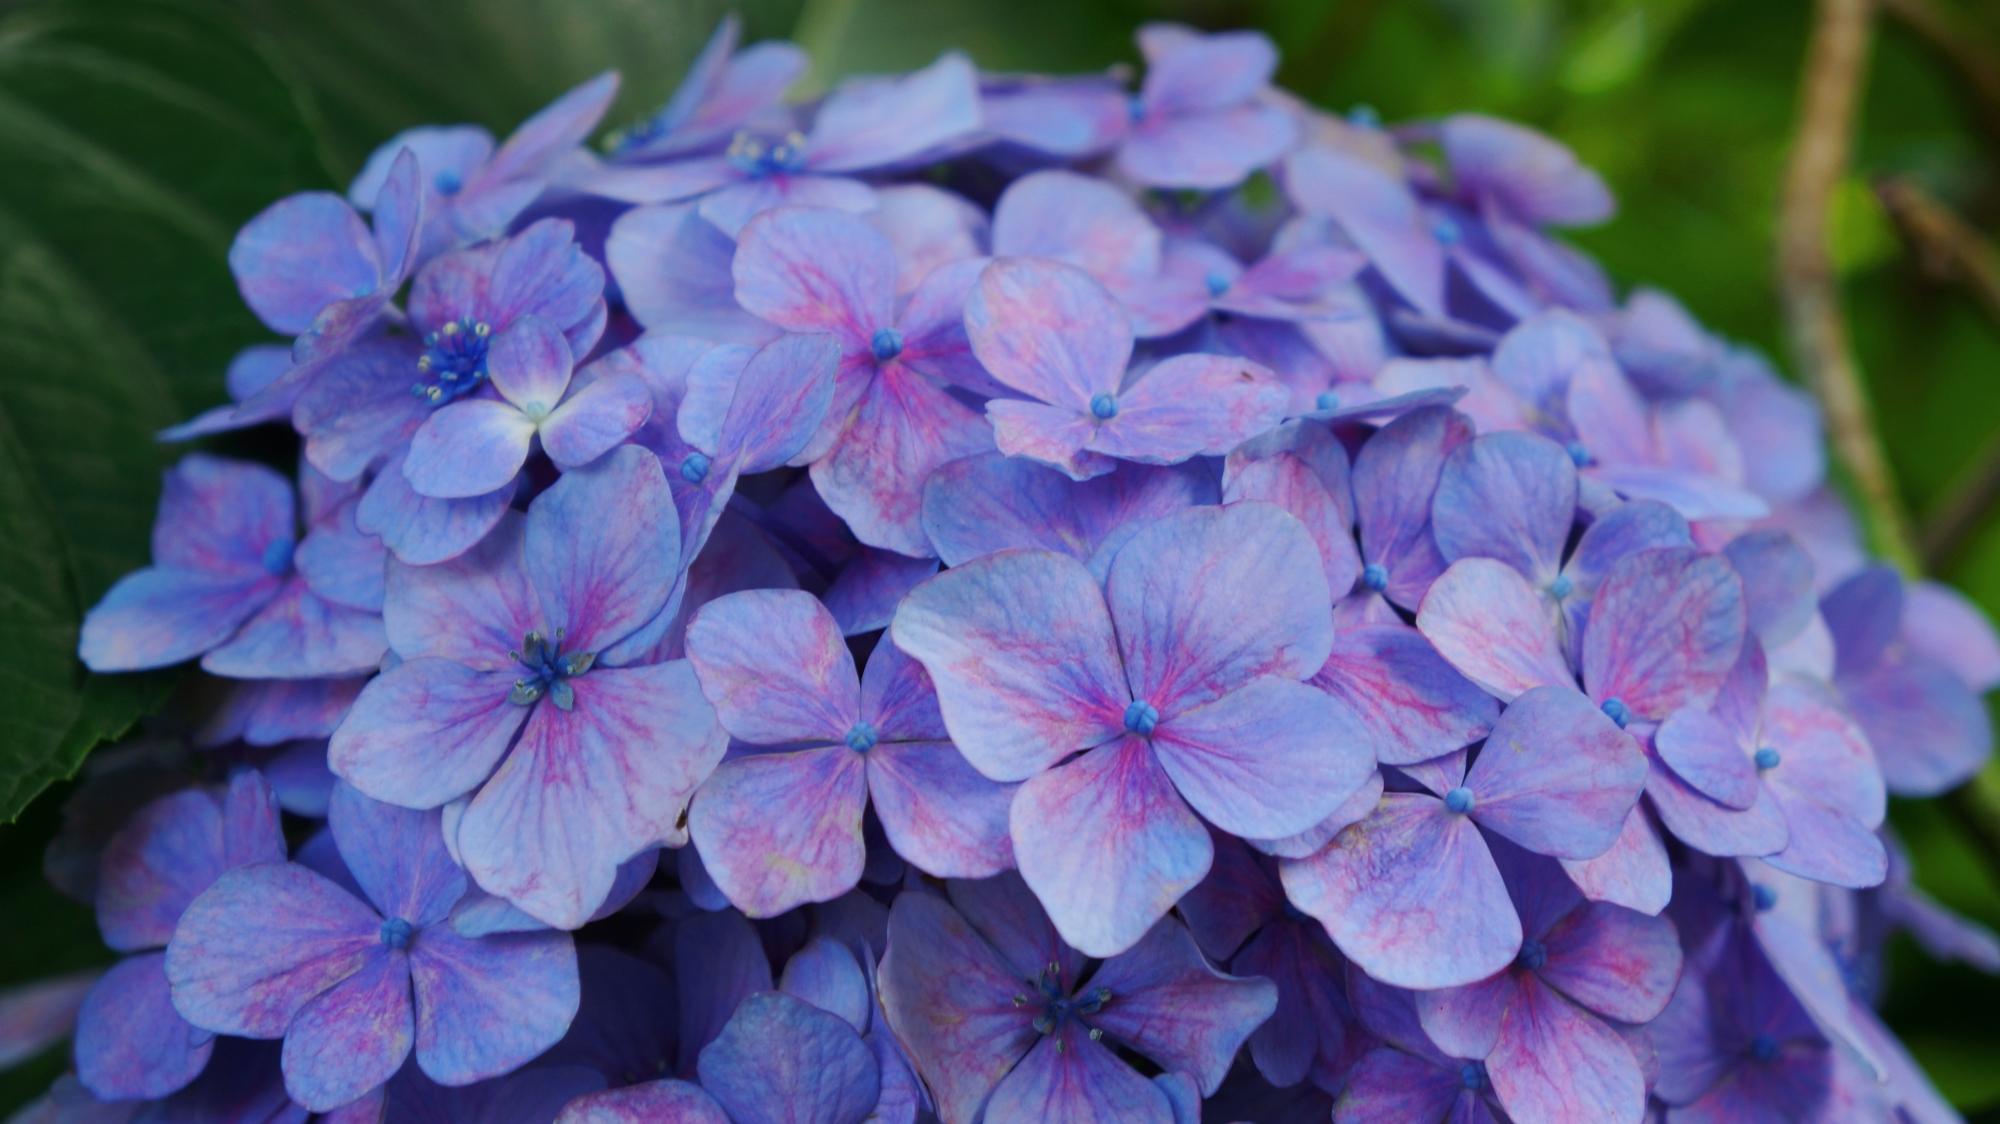 アジサイの重なり合う繊細な花びら